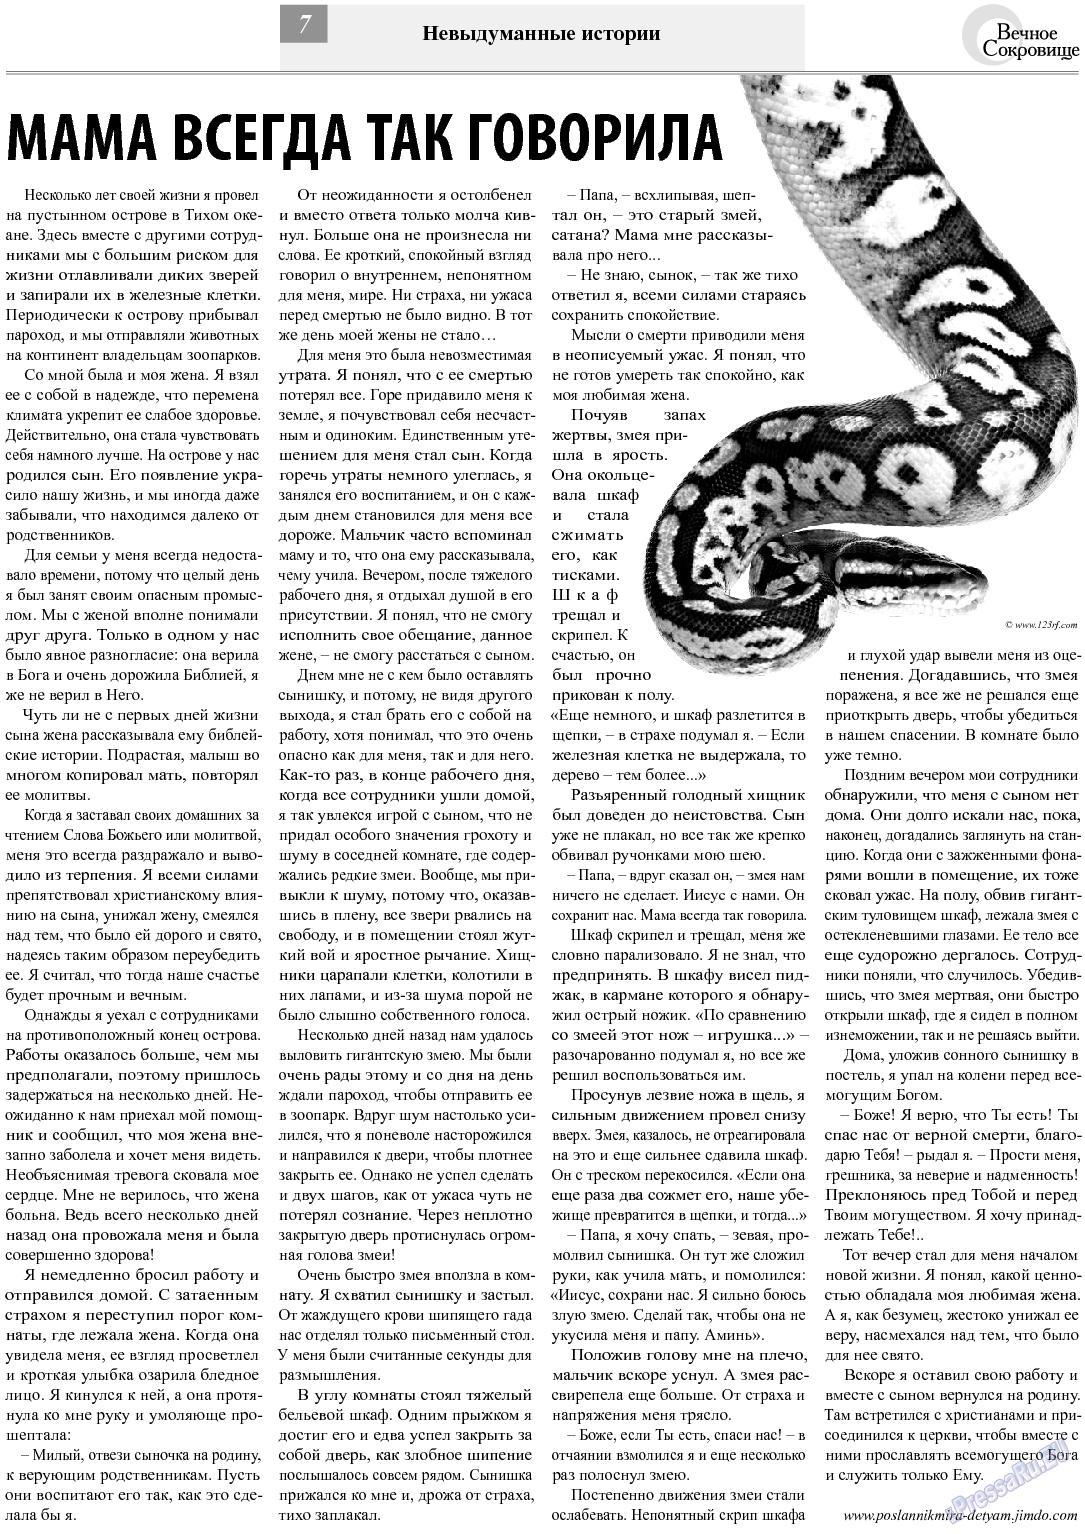 Вечное сокровище (газета). 2013 год, номер 5, стр. 7